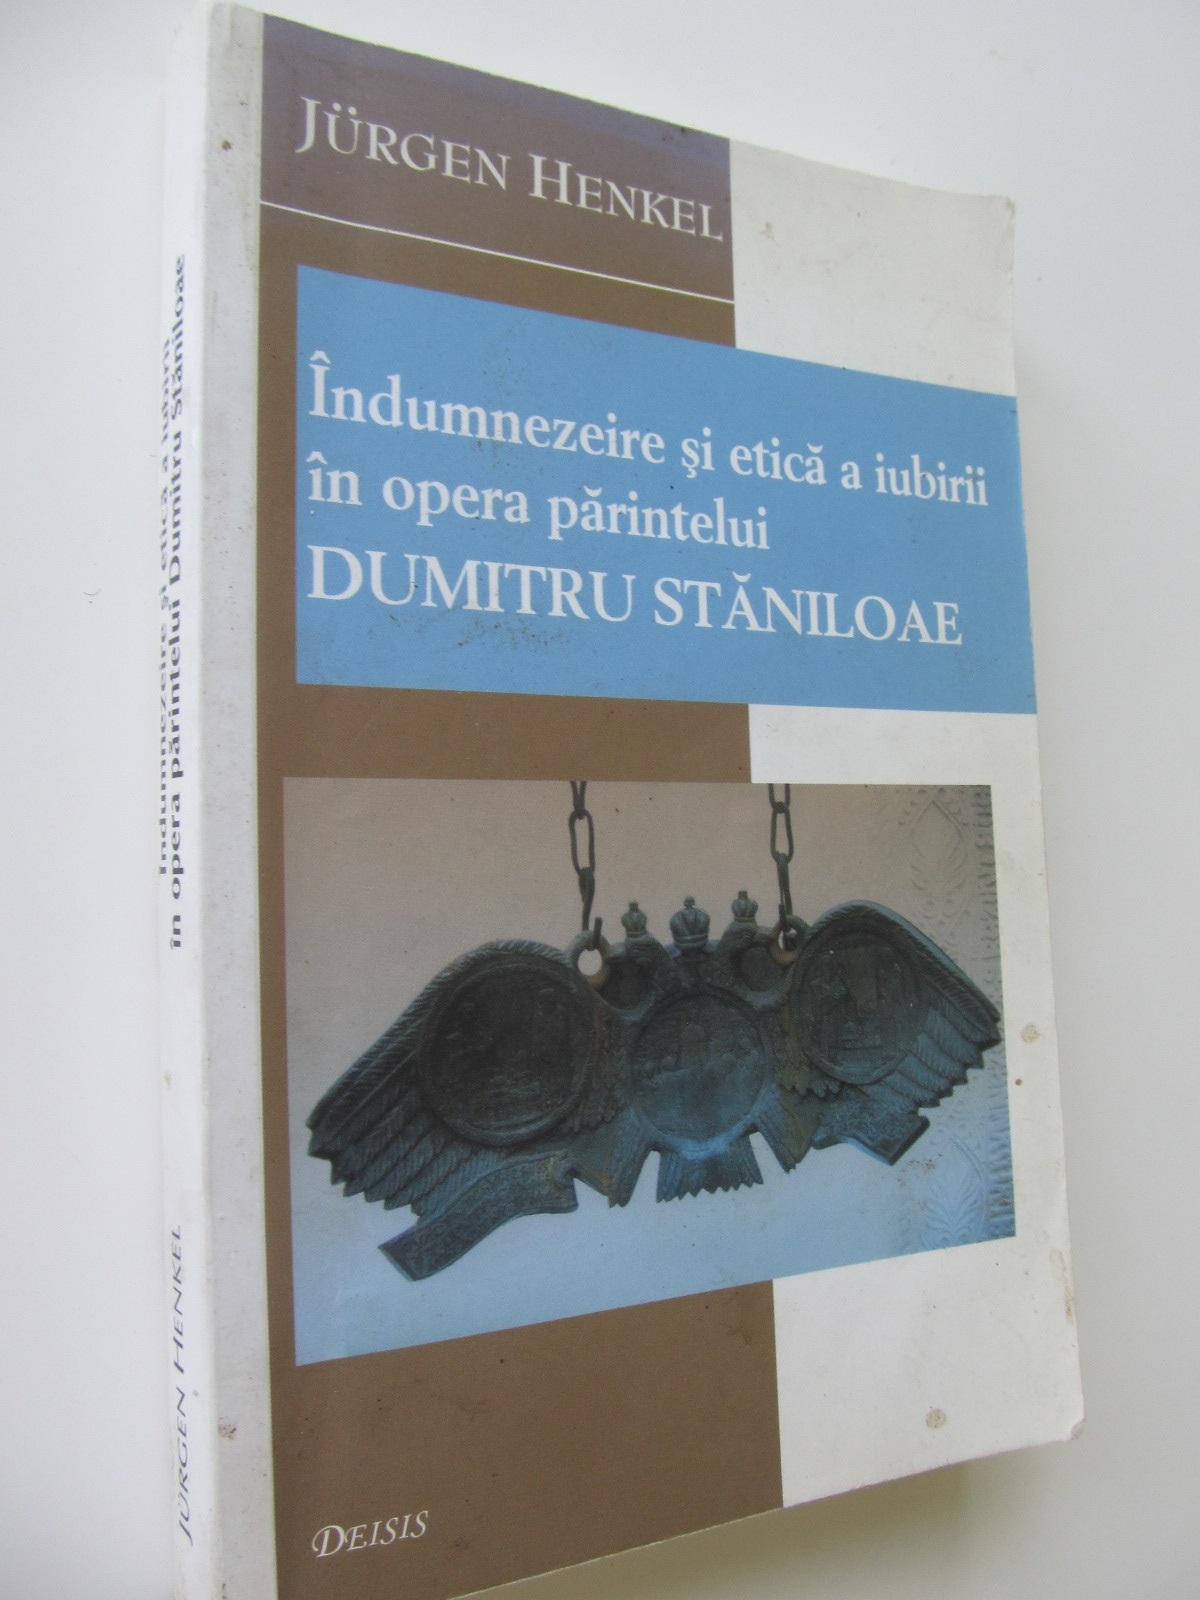 Indumnezeire si etica a iubirii in opera parintelui Dumitru Staniloae - Jurgen Henkel | Detalii carte